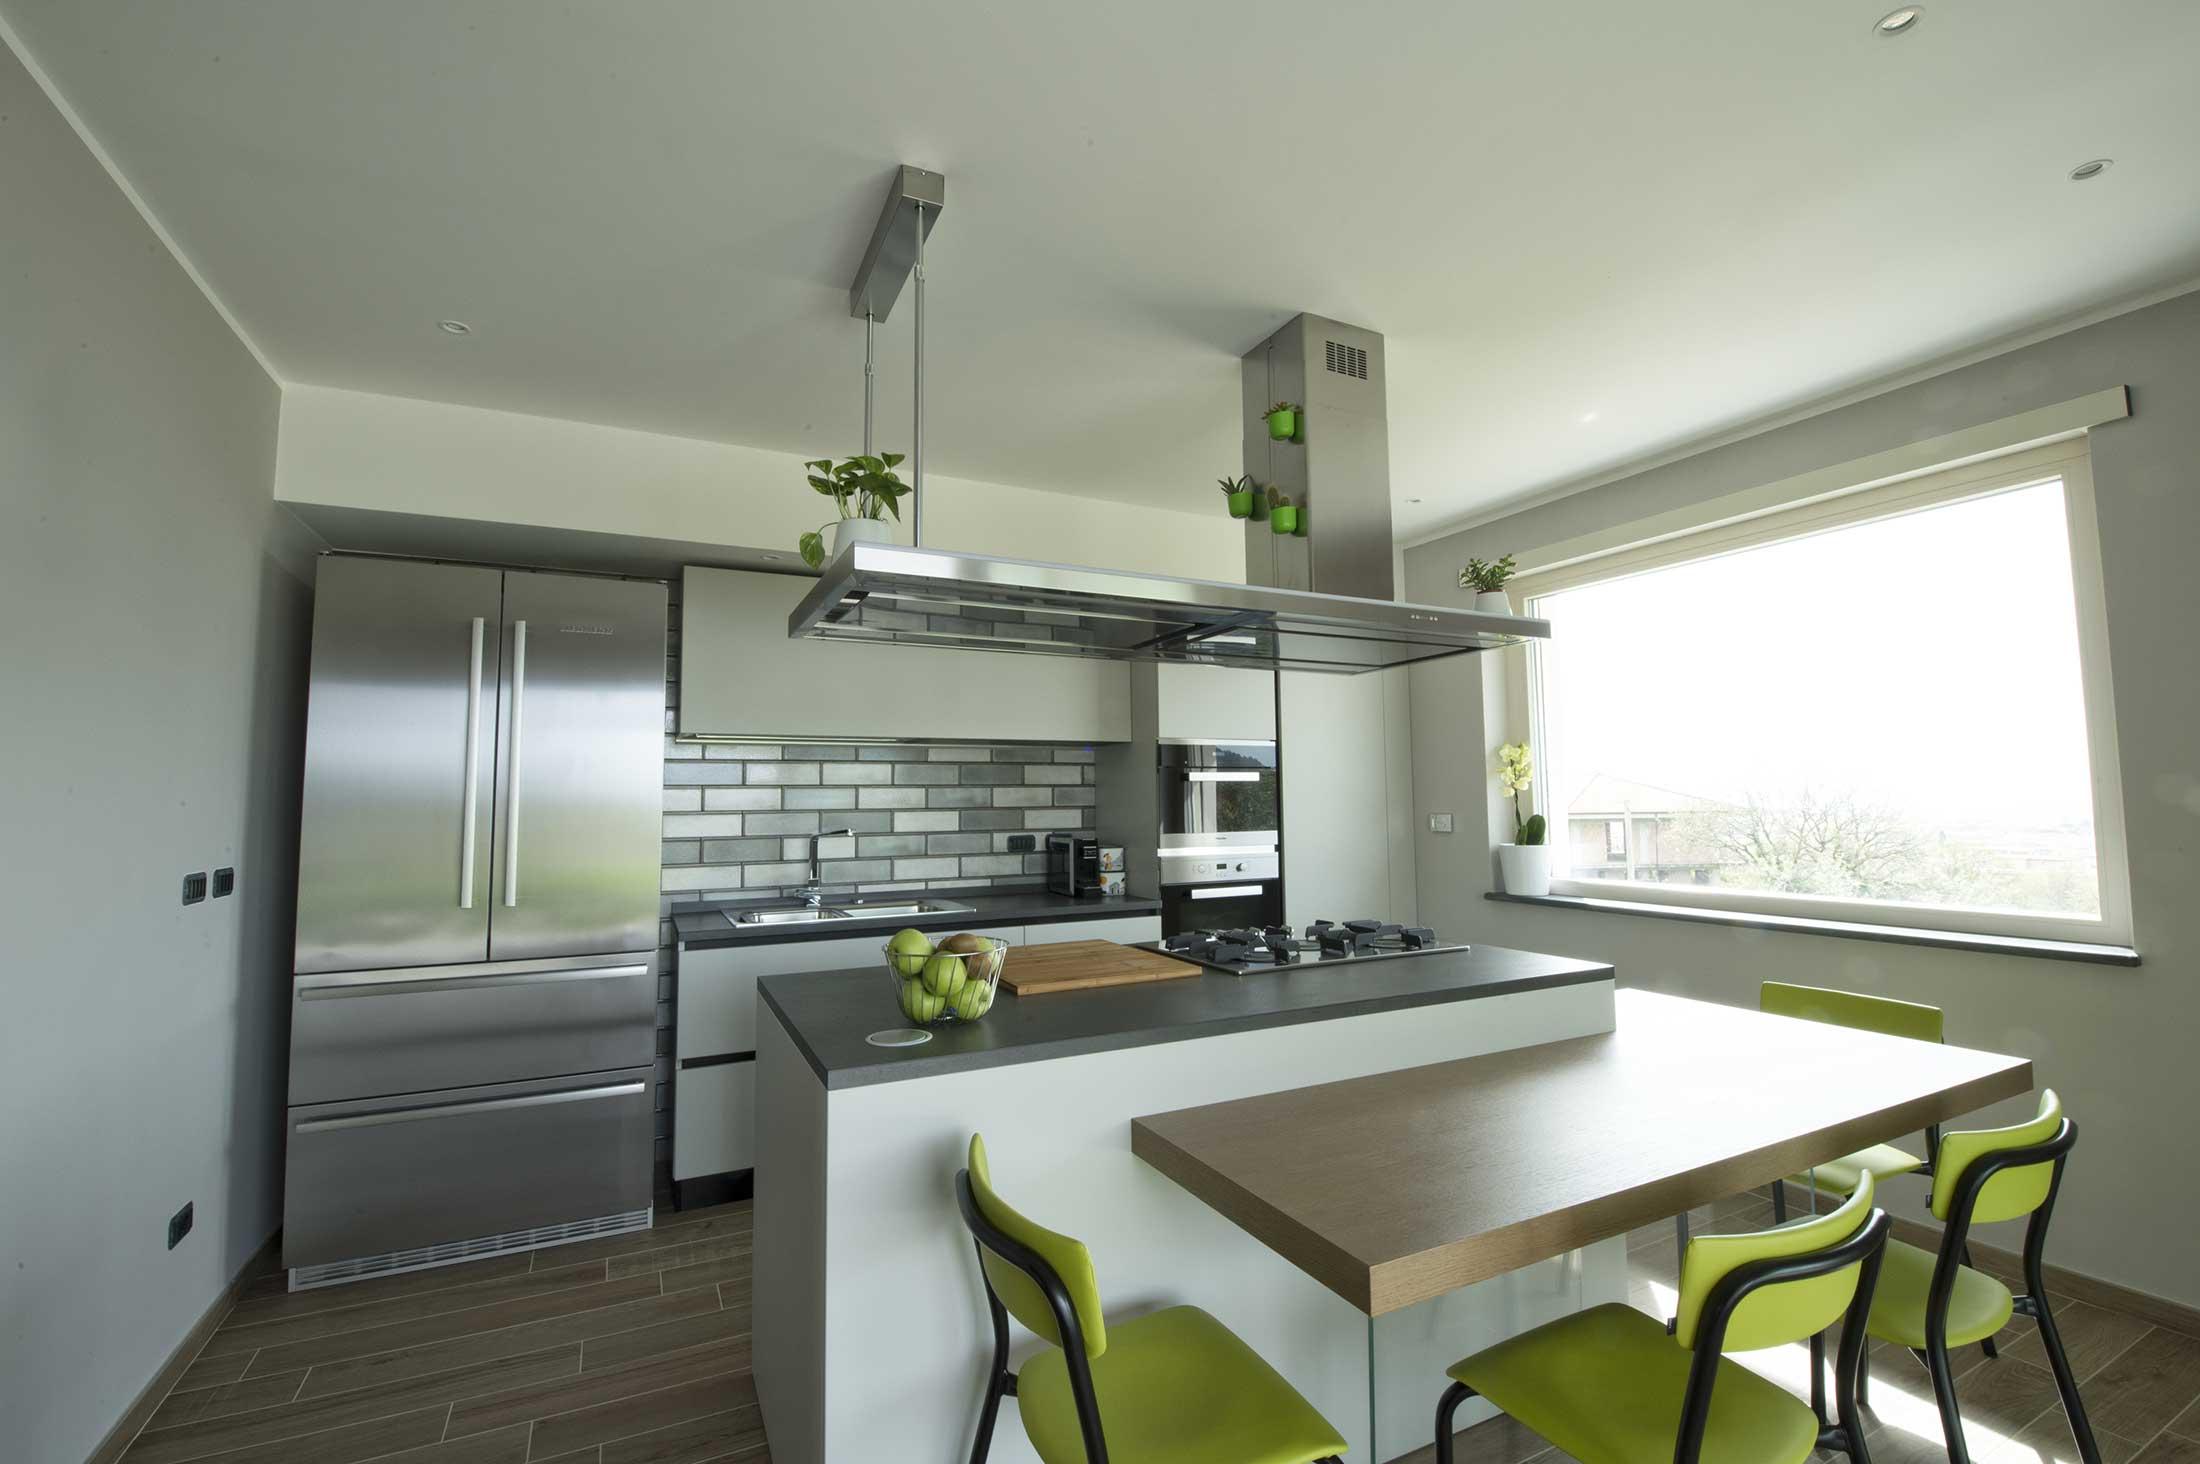 Abitazione-privata-Pensiero-Addessi-Design (7)